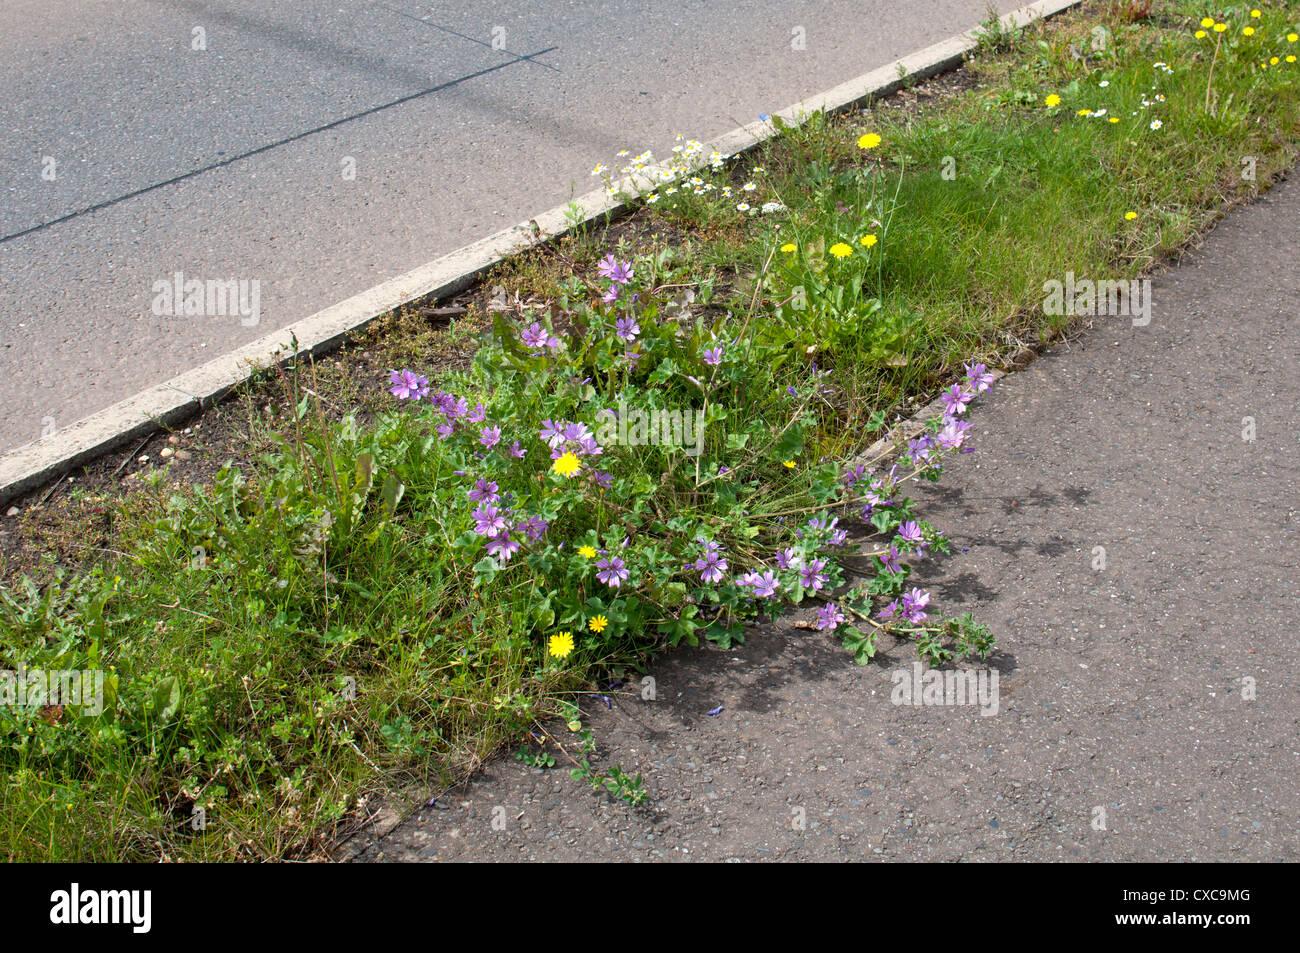 Narrow grass verge with wildflowers on - Stock Image